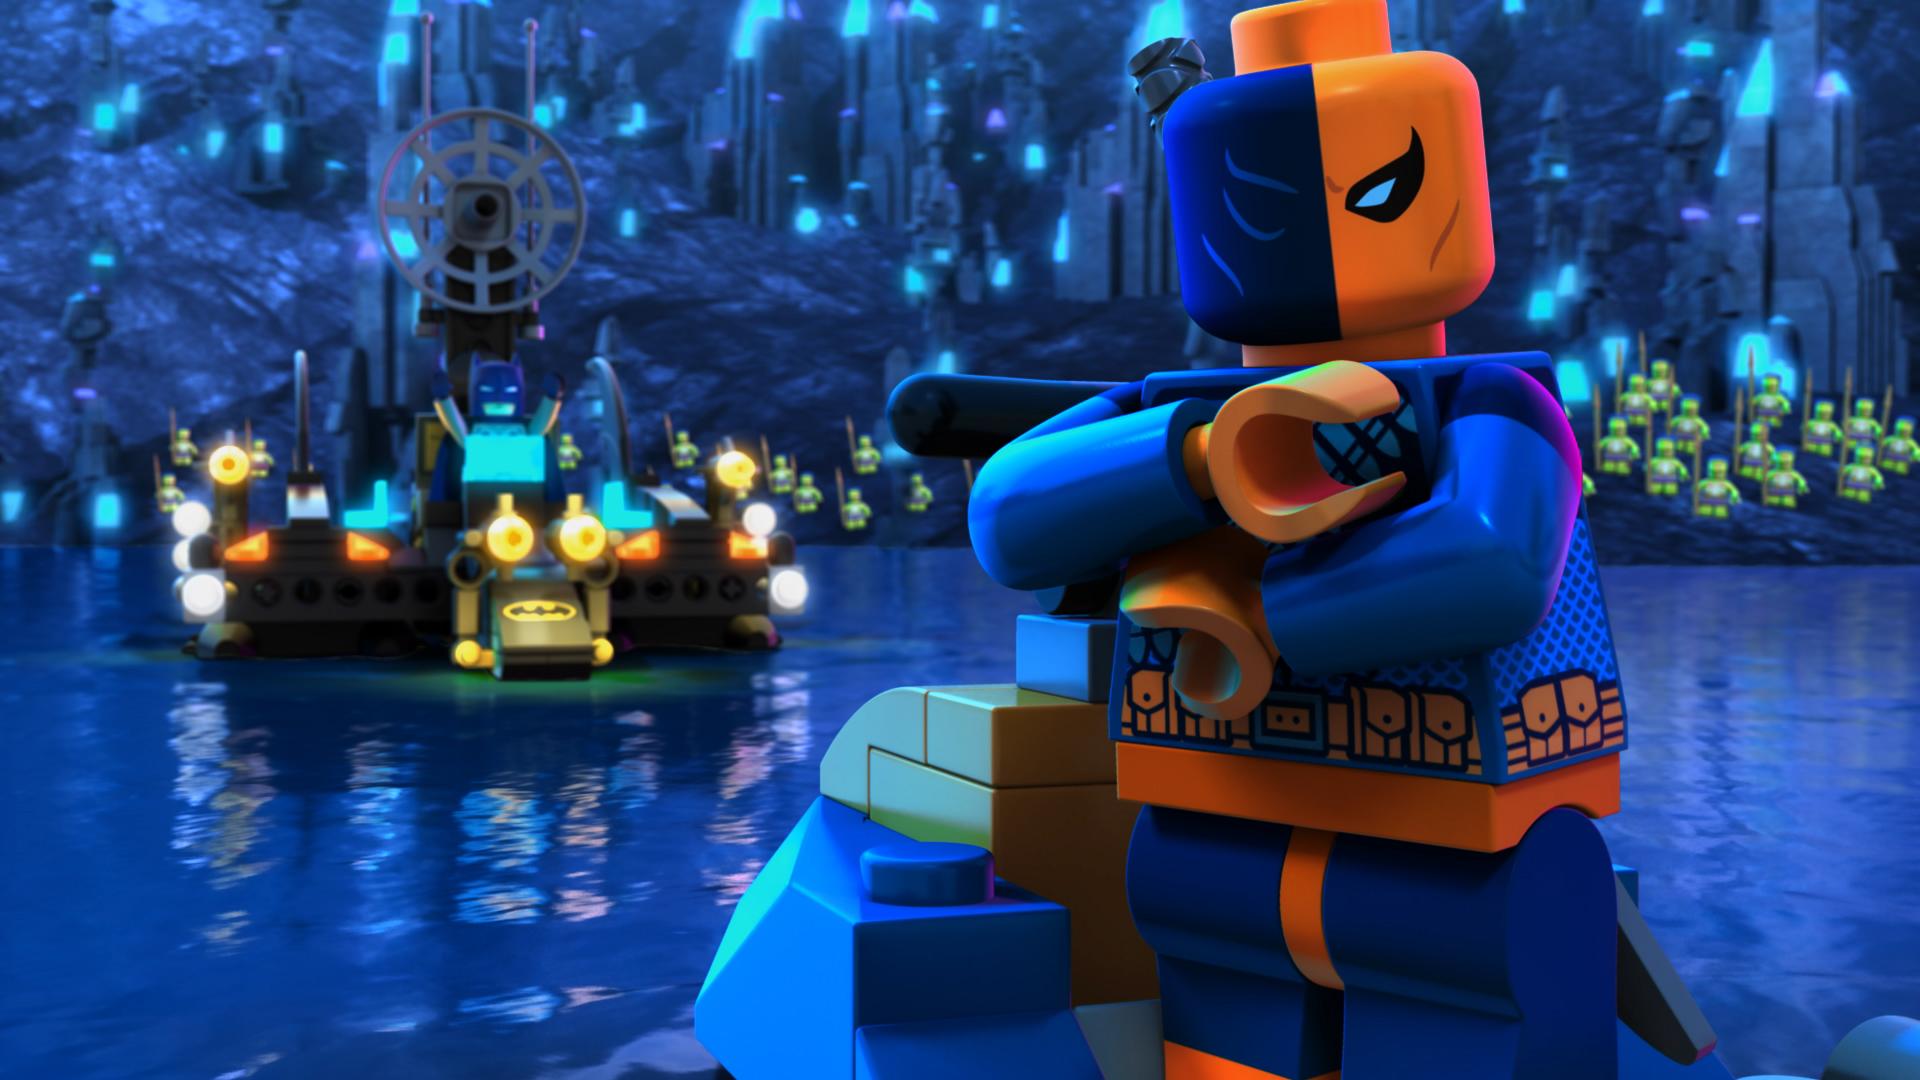 Lego_GCB046500